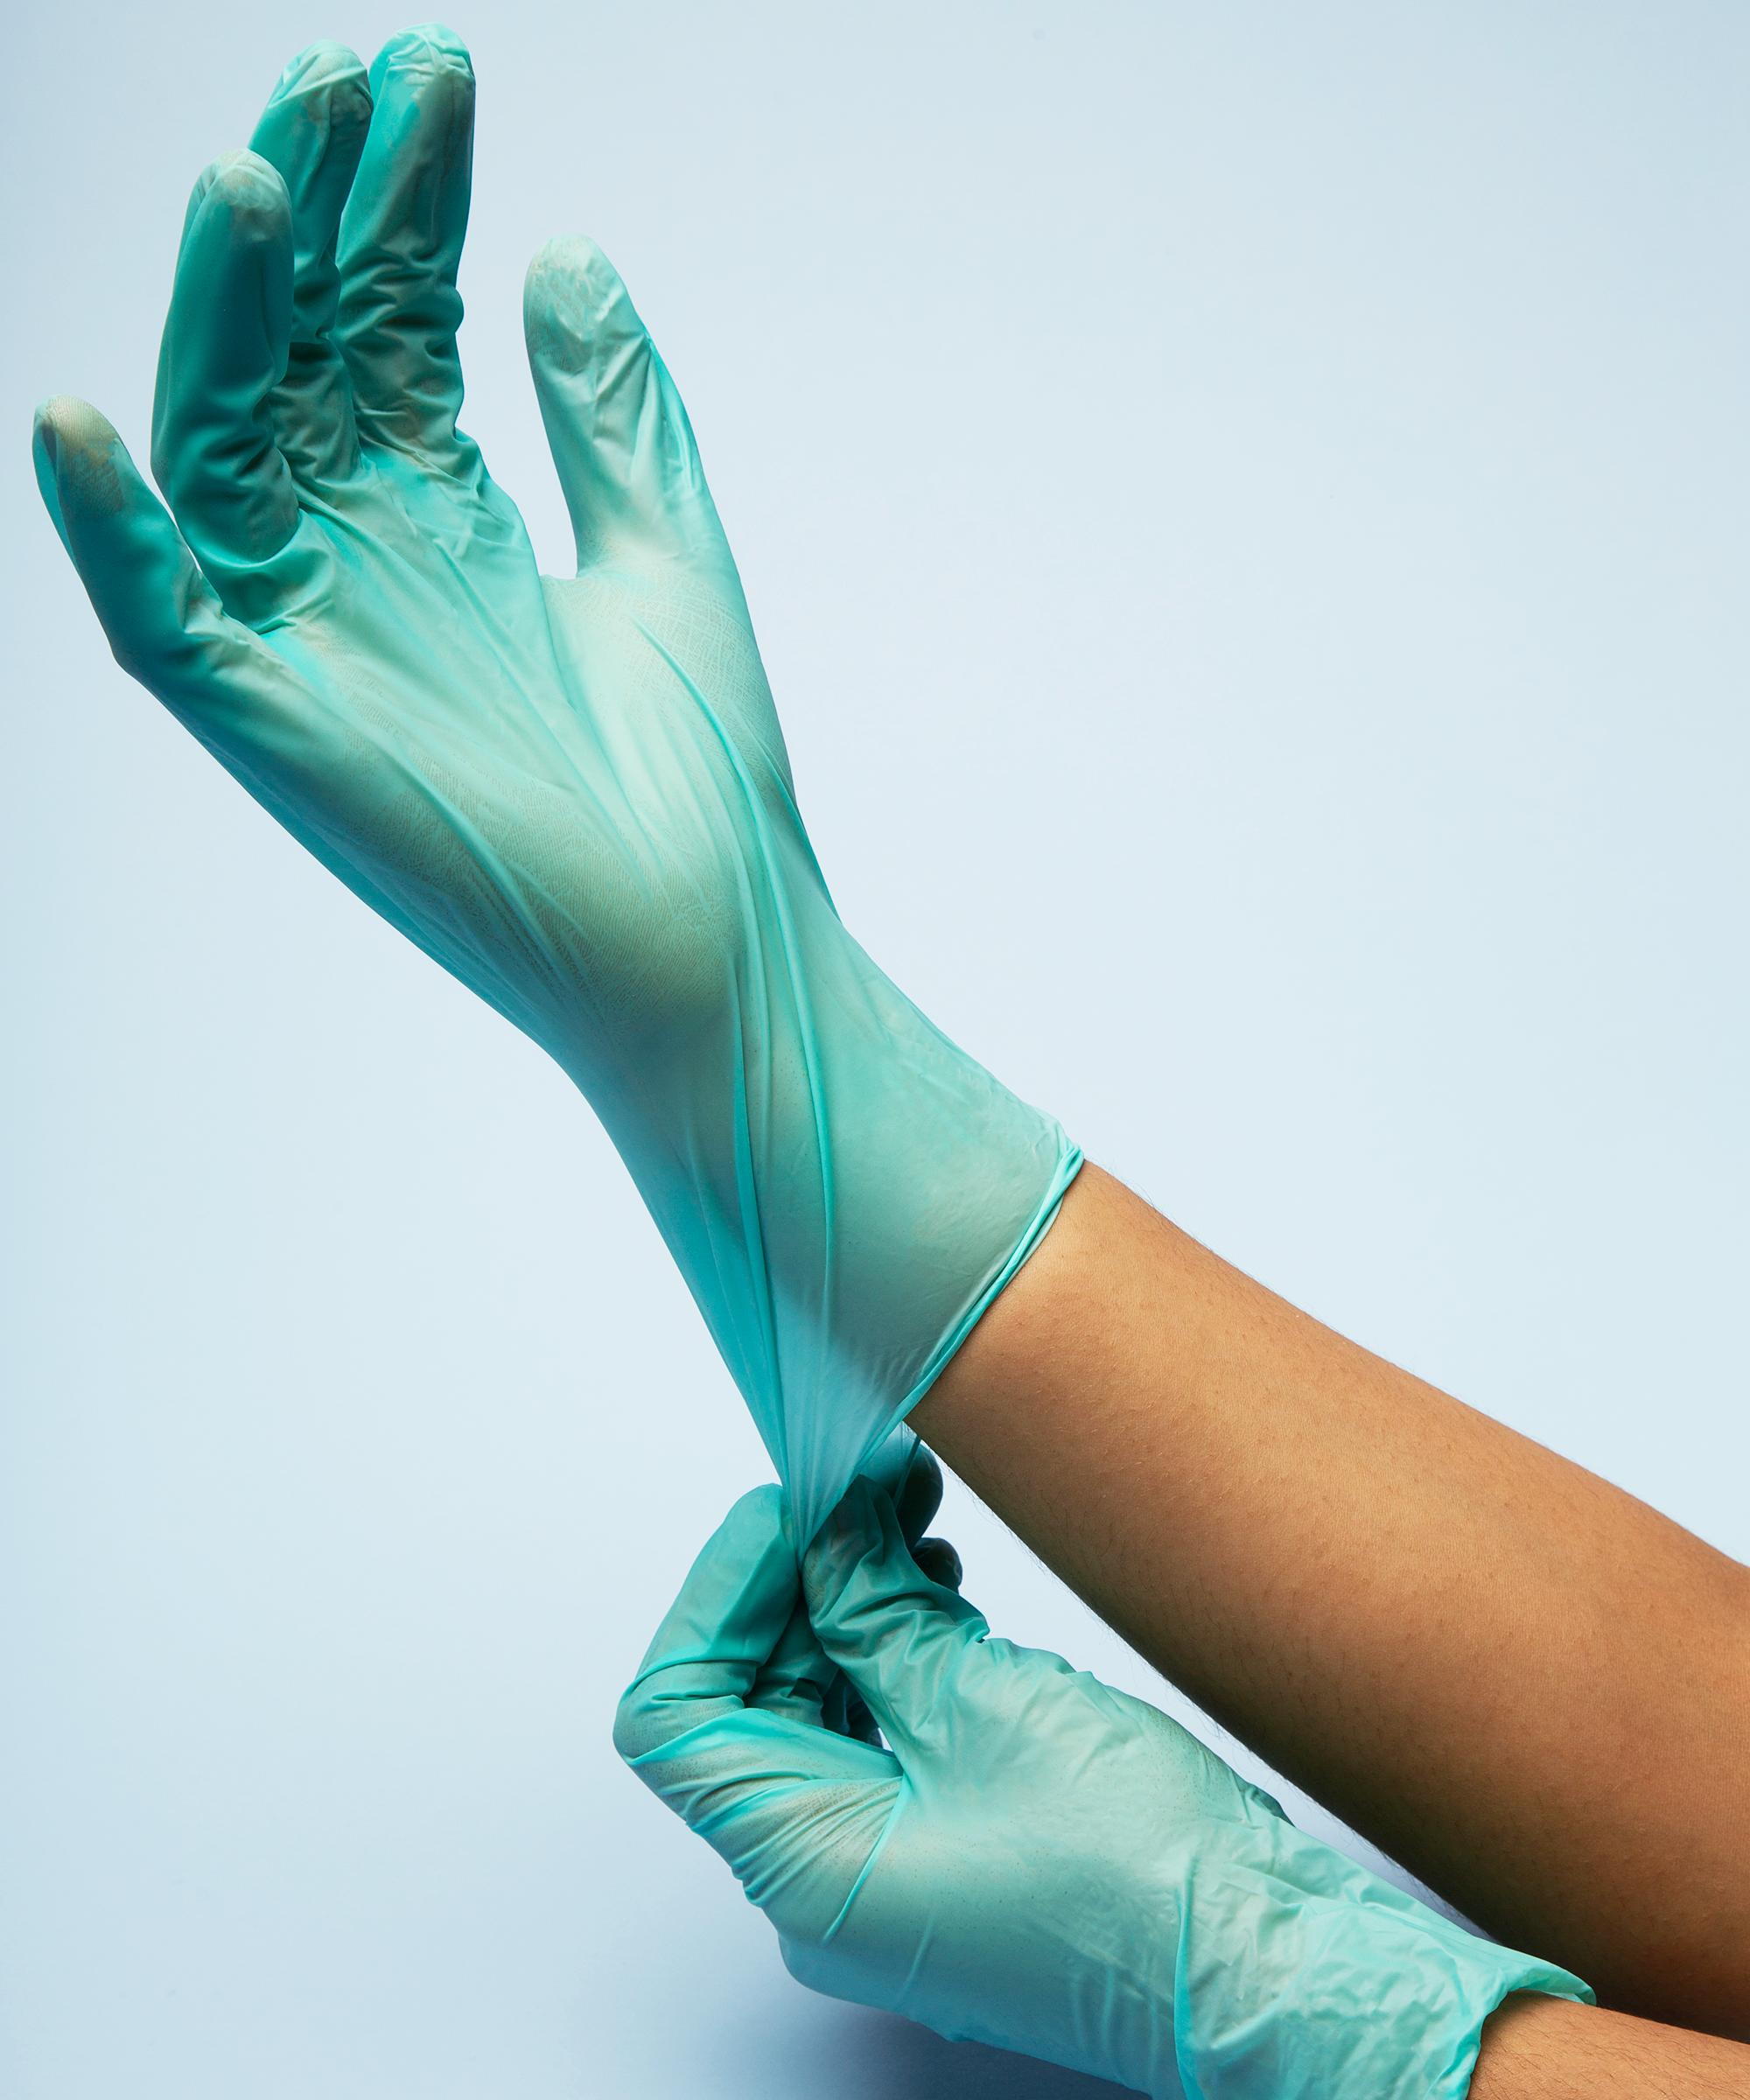 Chubby nurse glove